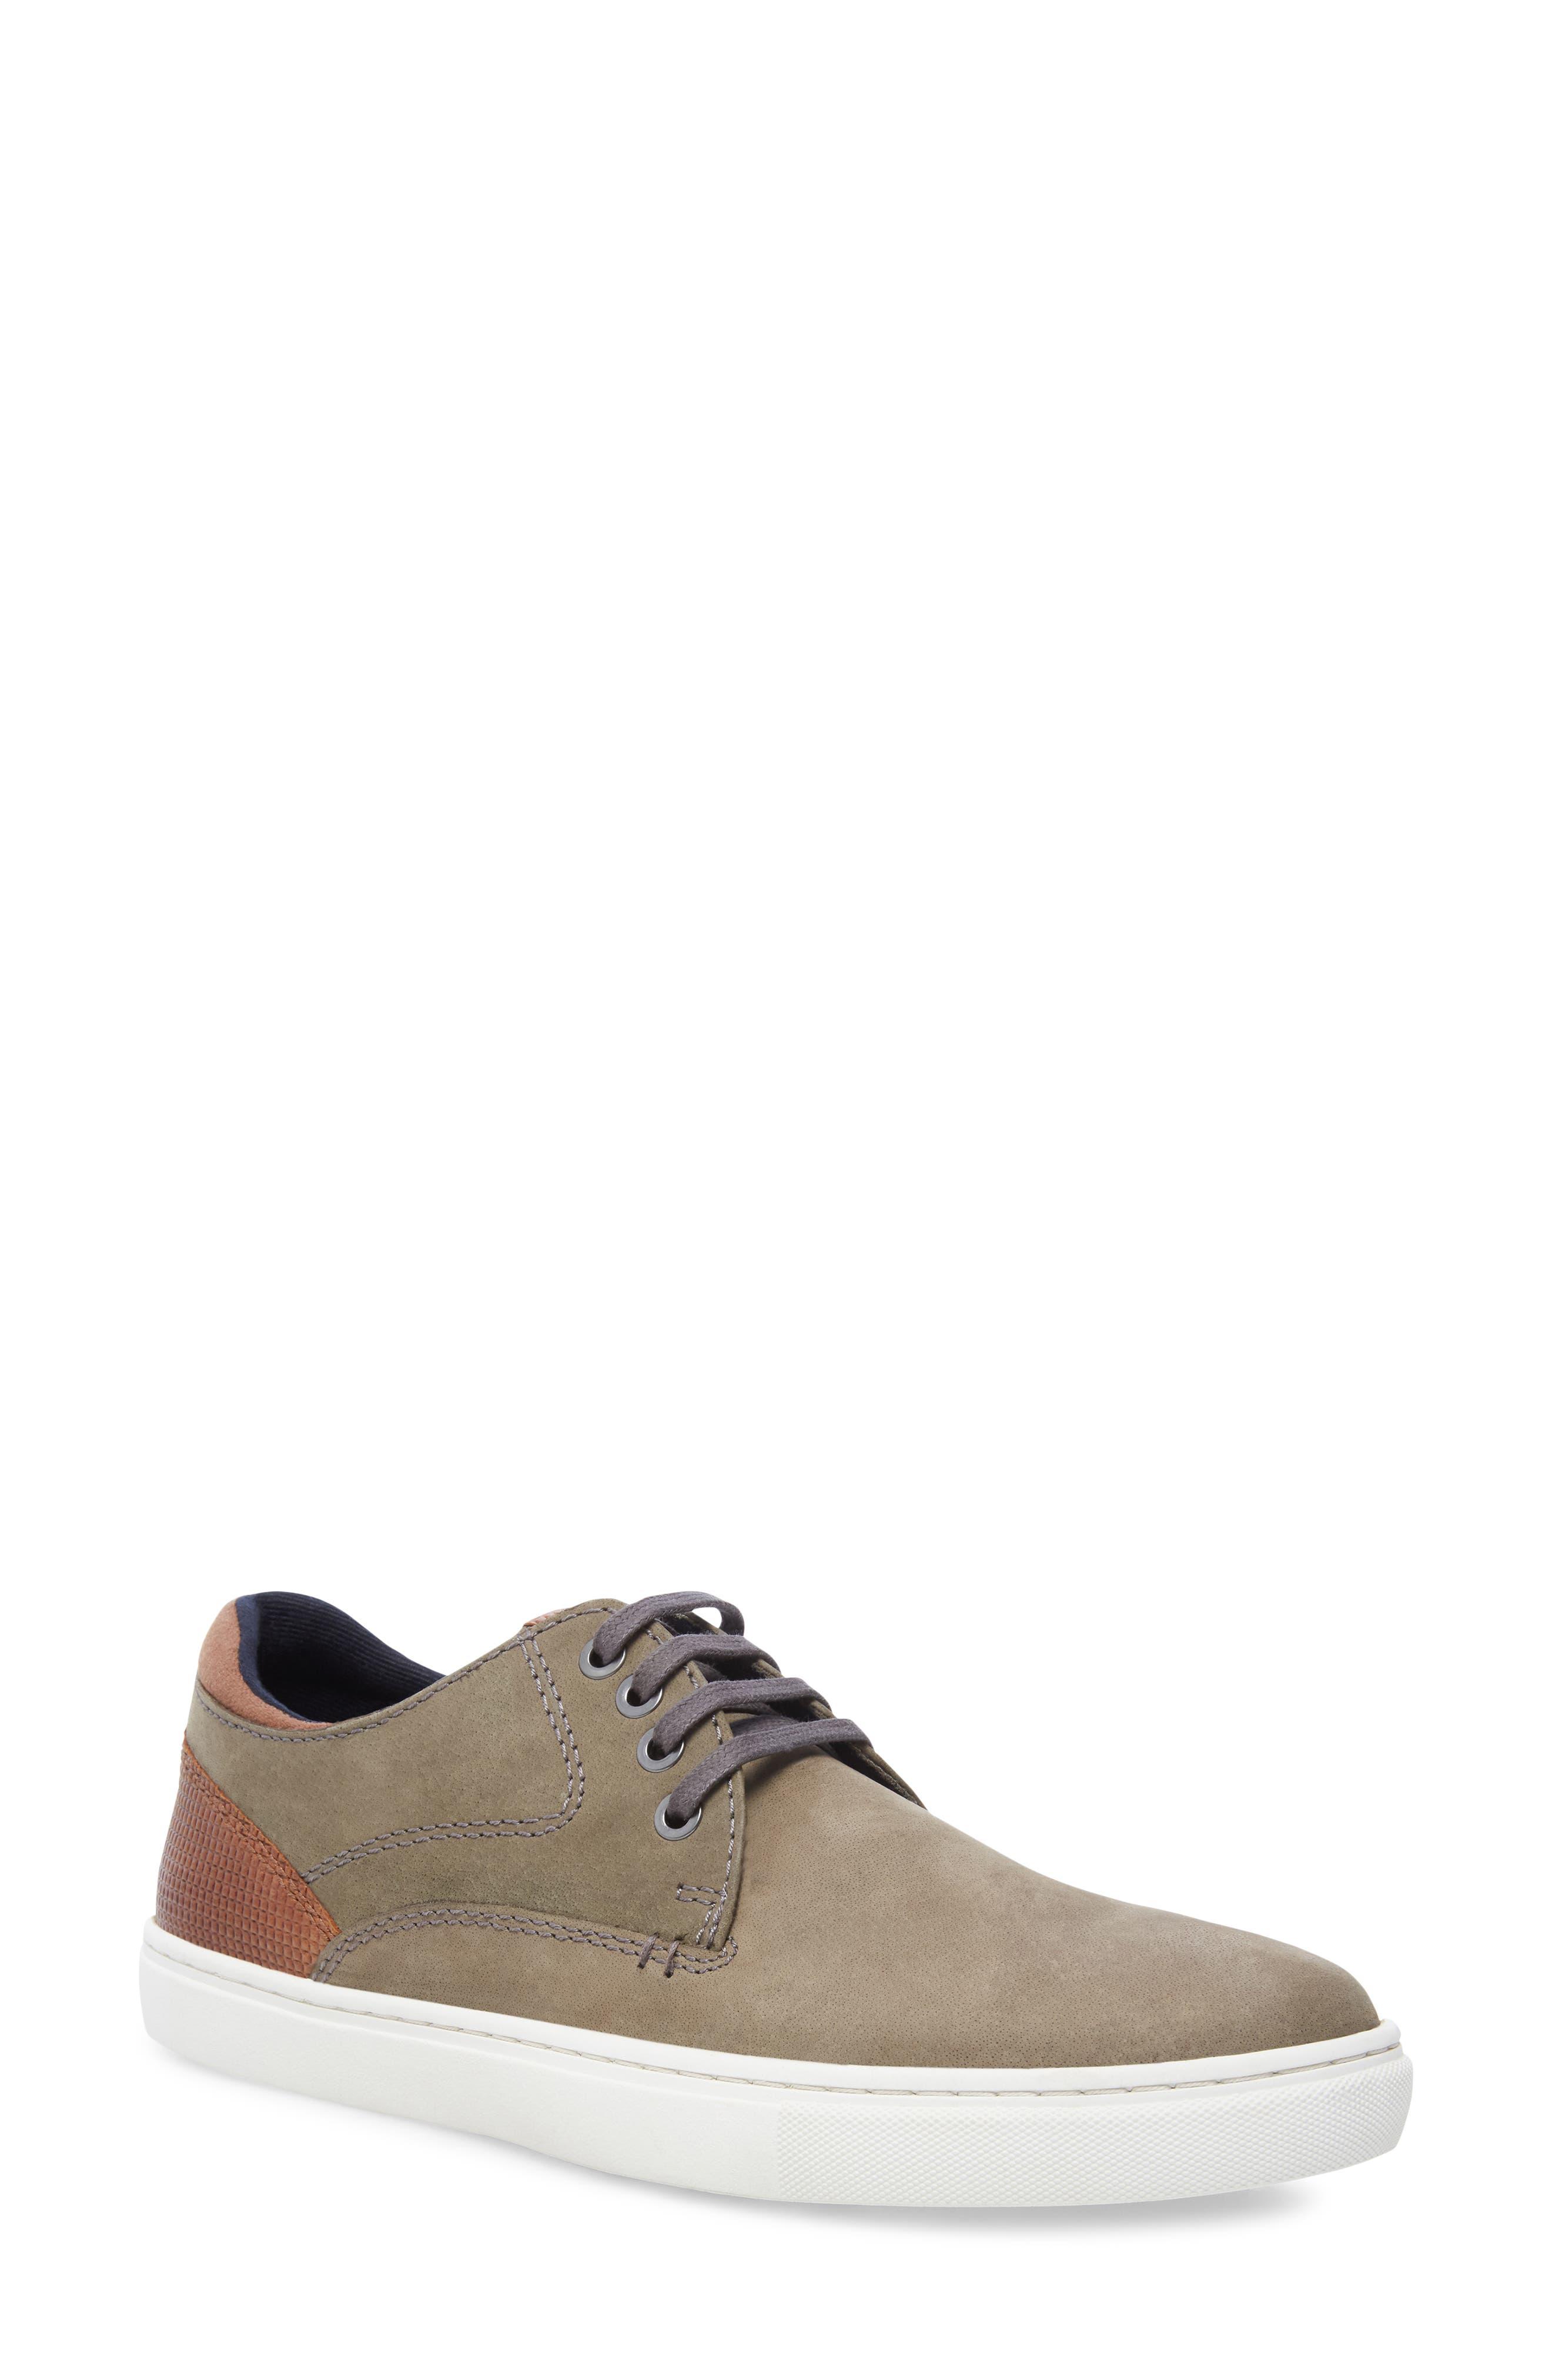 Image of Steve Madden Camden Sneaker